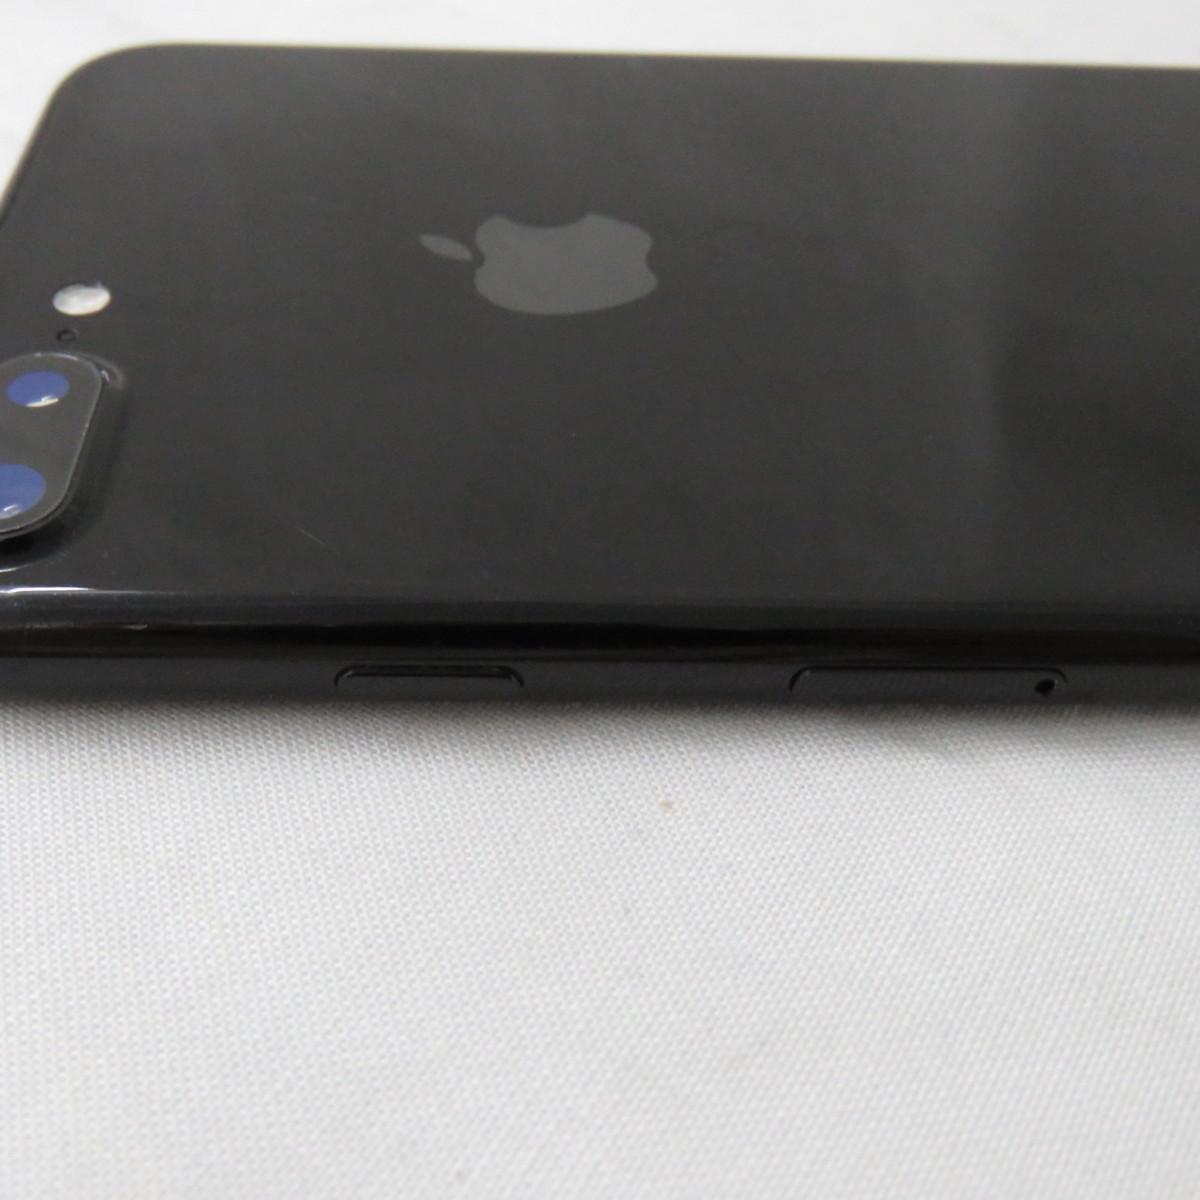 1円~【中古品】SoftBank ソフトバンク Apple iPhone 7 Plus 128GB MN6K2J/A ジェットブラック 判定○ ※SIMロック解除済 10703084_画像8